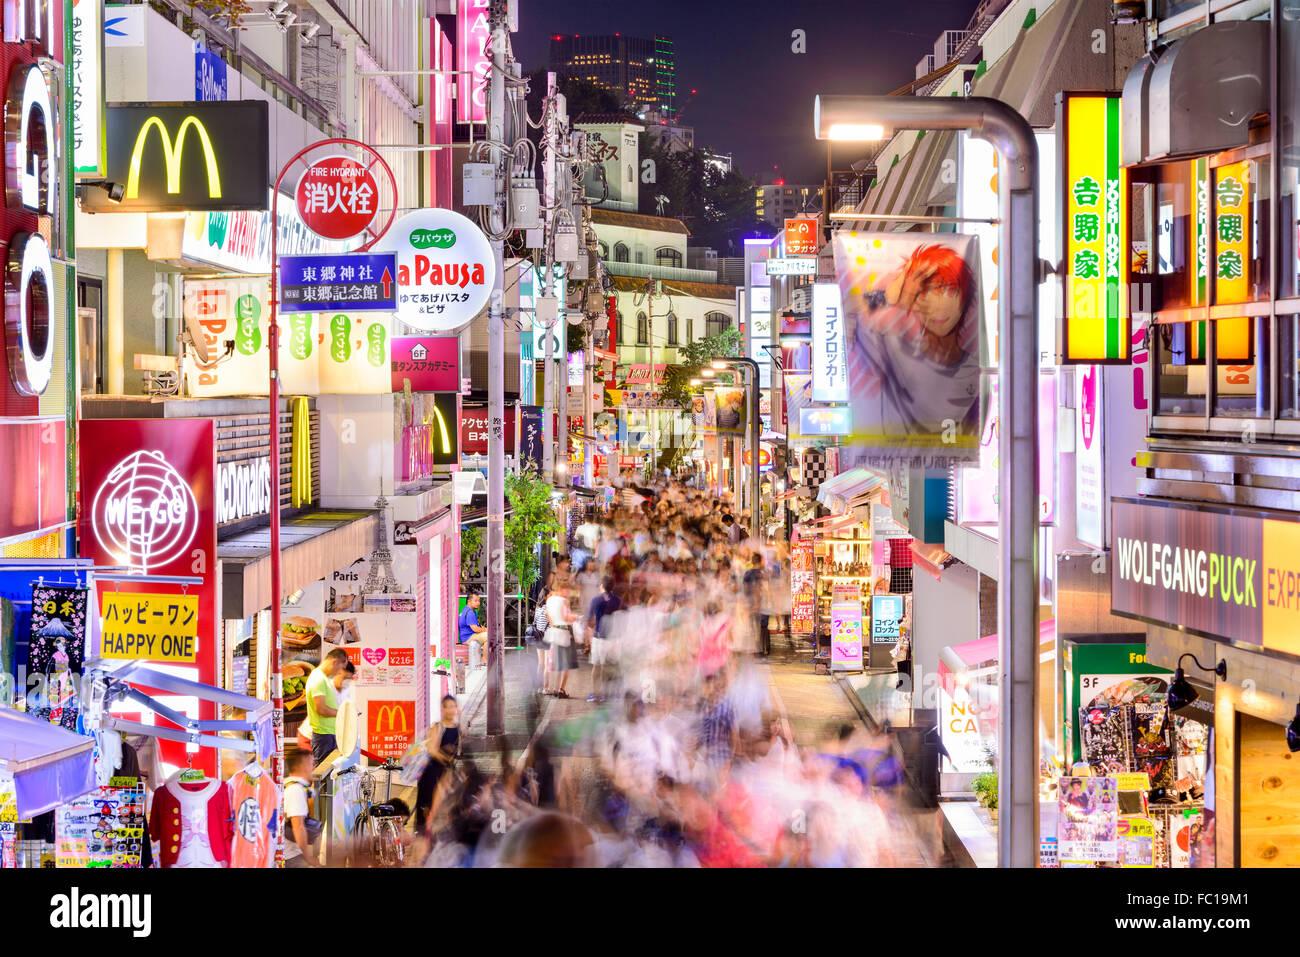 Las multitudes caminando a través de Takeshita Street, en el distrito de Harajuku en la noche en Tokio, Japón. Imagen De Stock